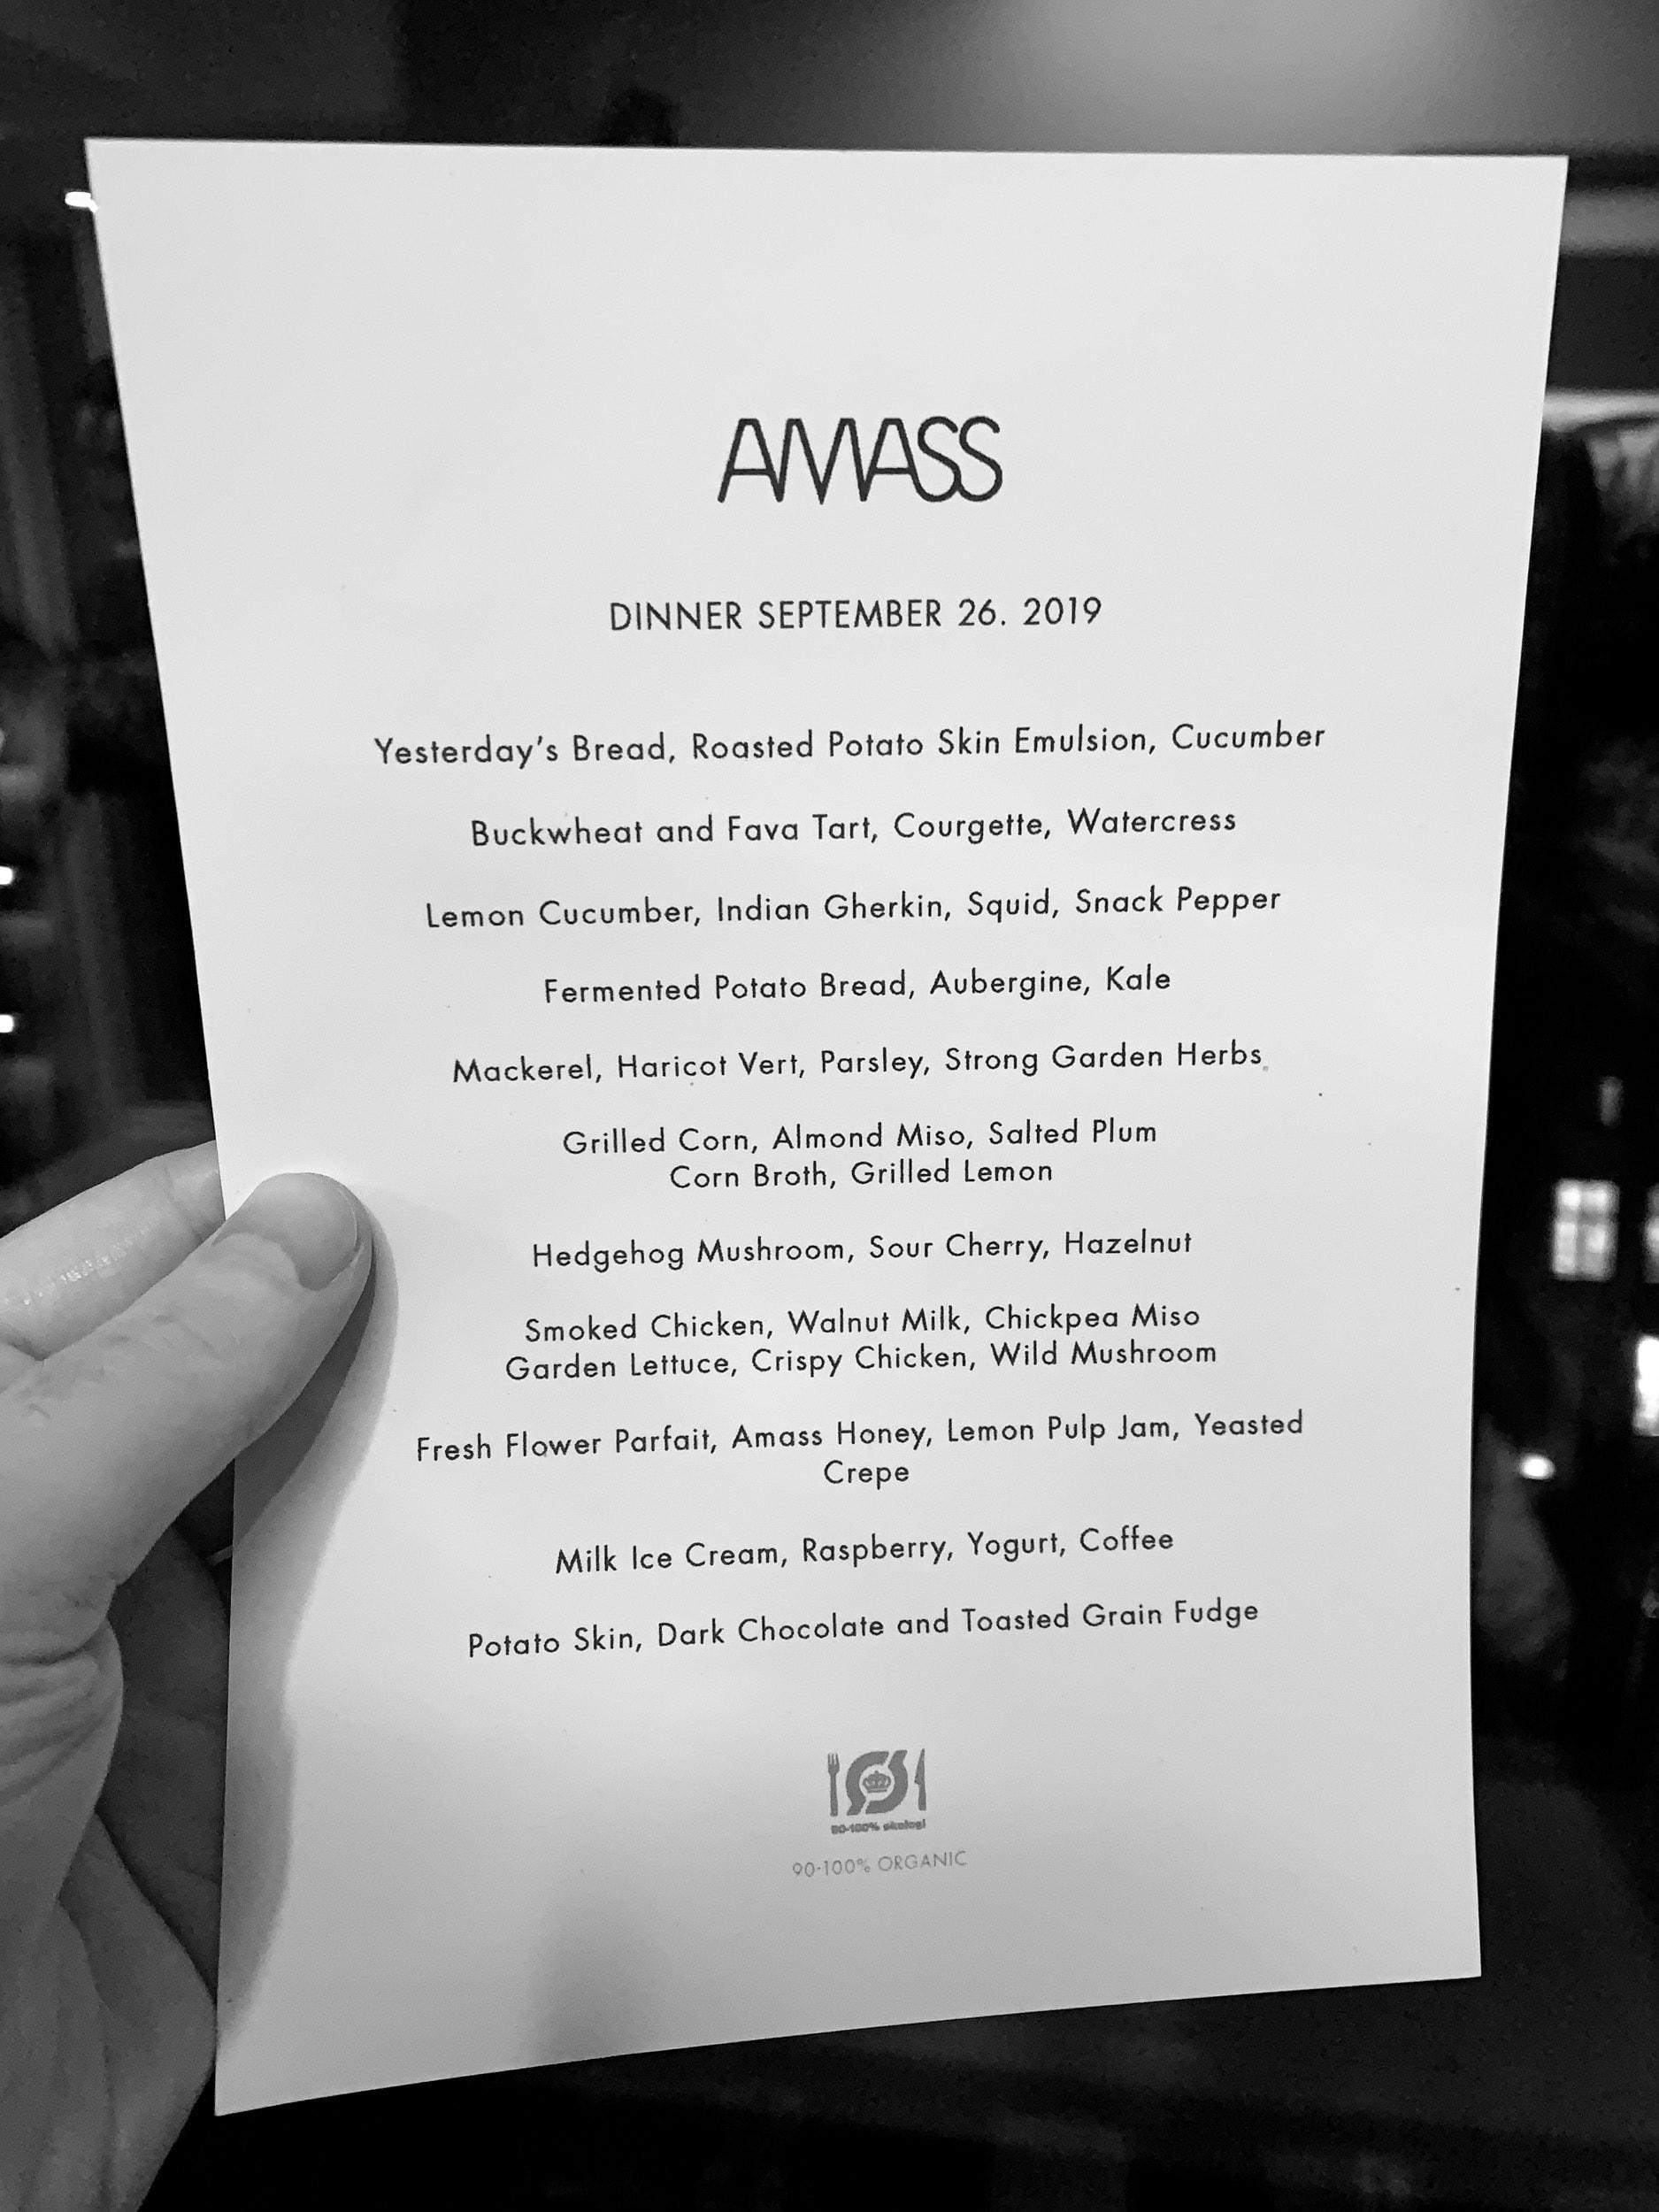 Amass dinner menu